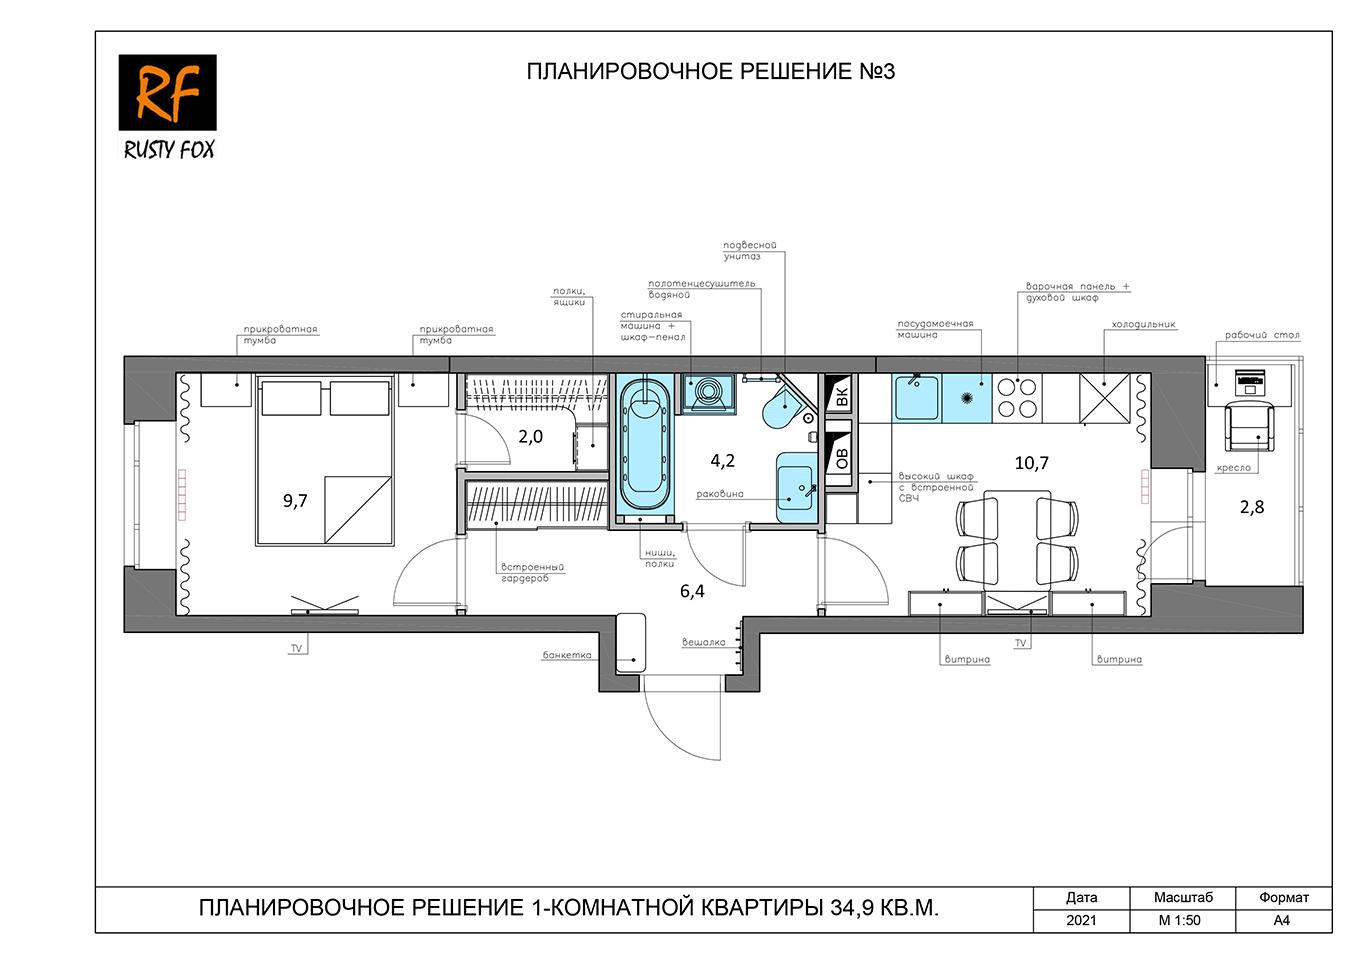 ЖК Люберцы корпус 52, секция 2. Планировочное решение №3 1-комнотной квартира 34,9 кв.м.